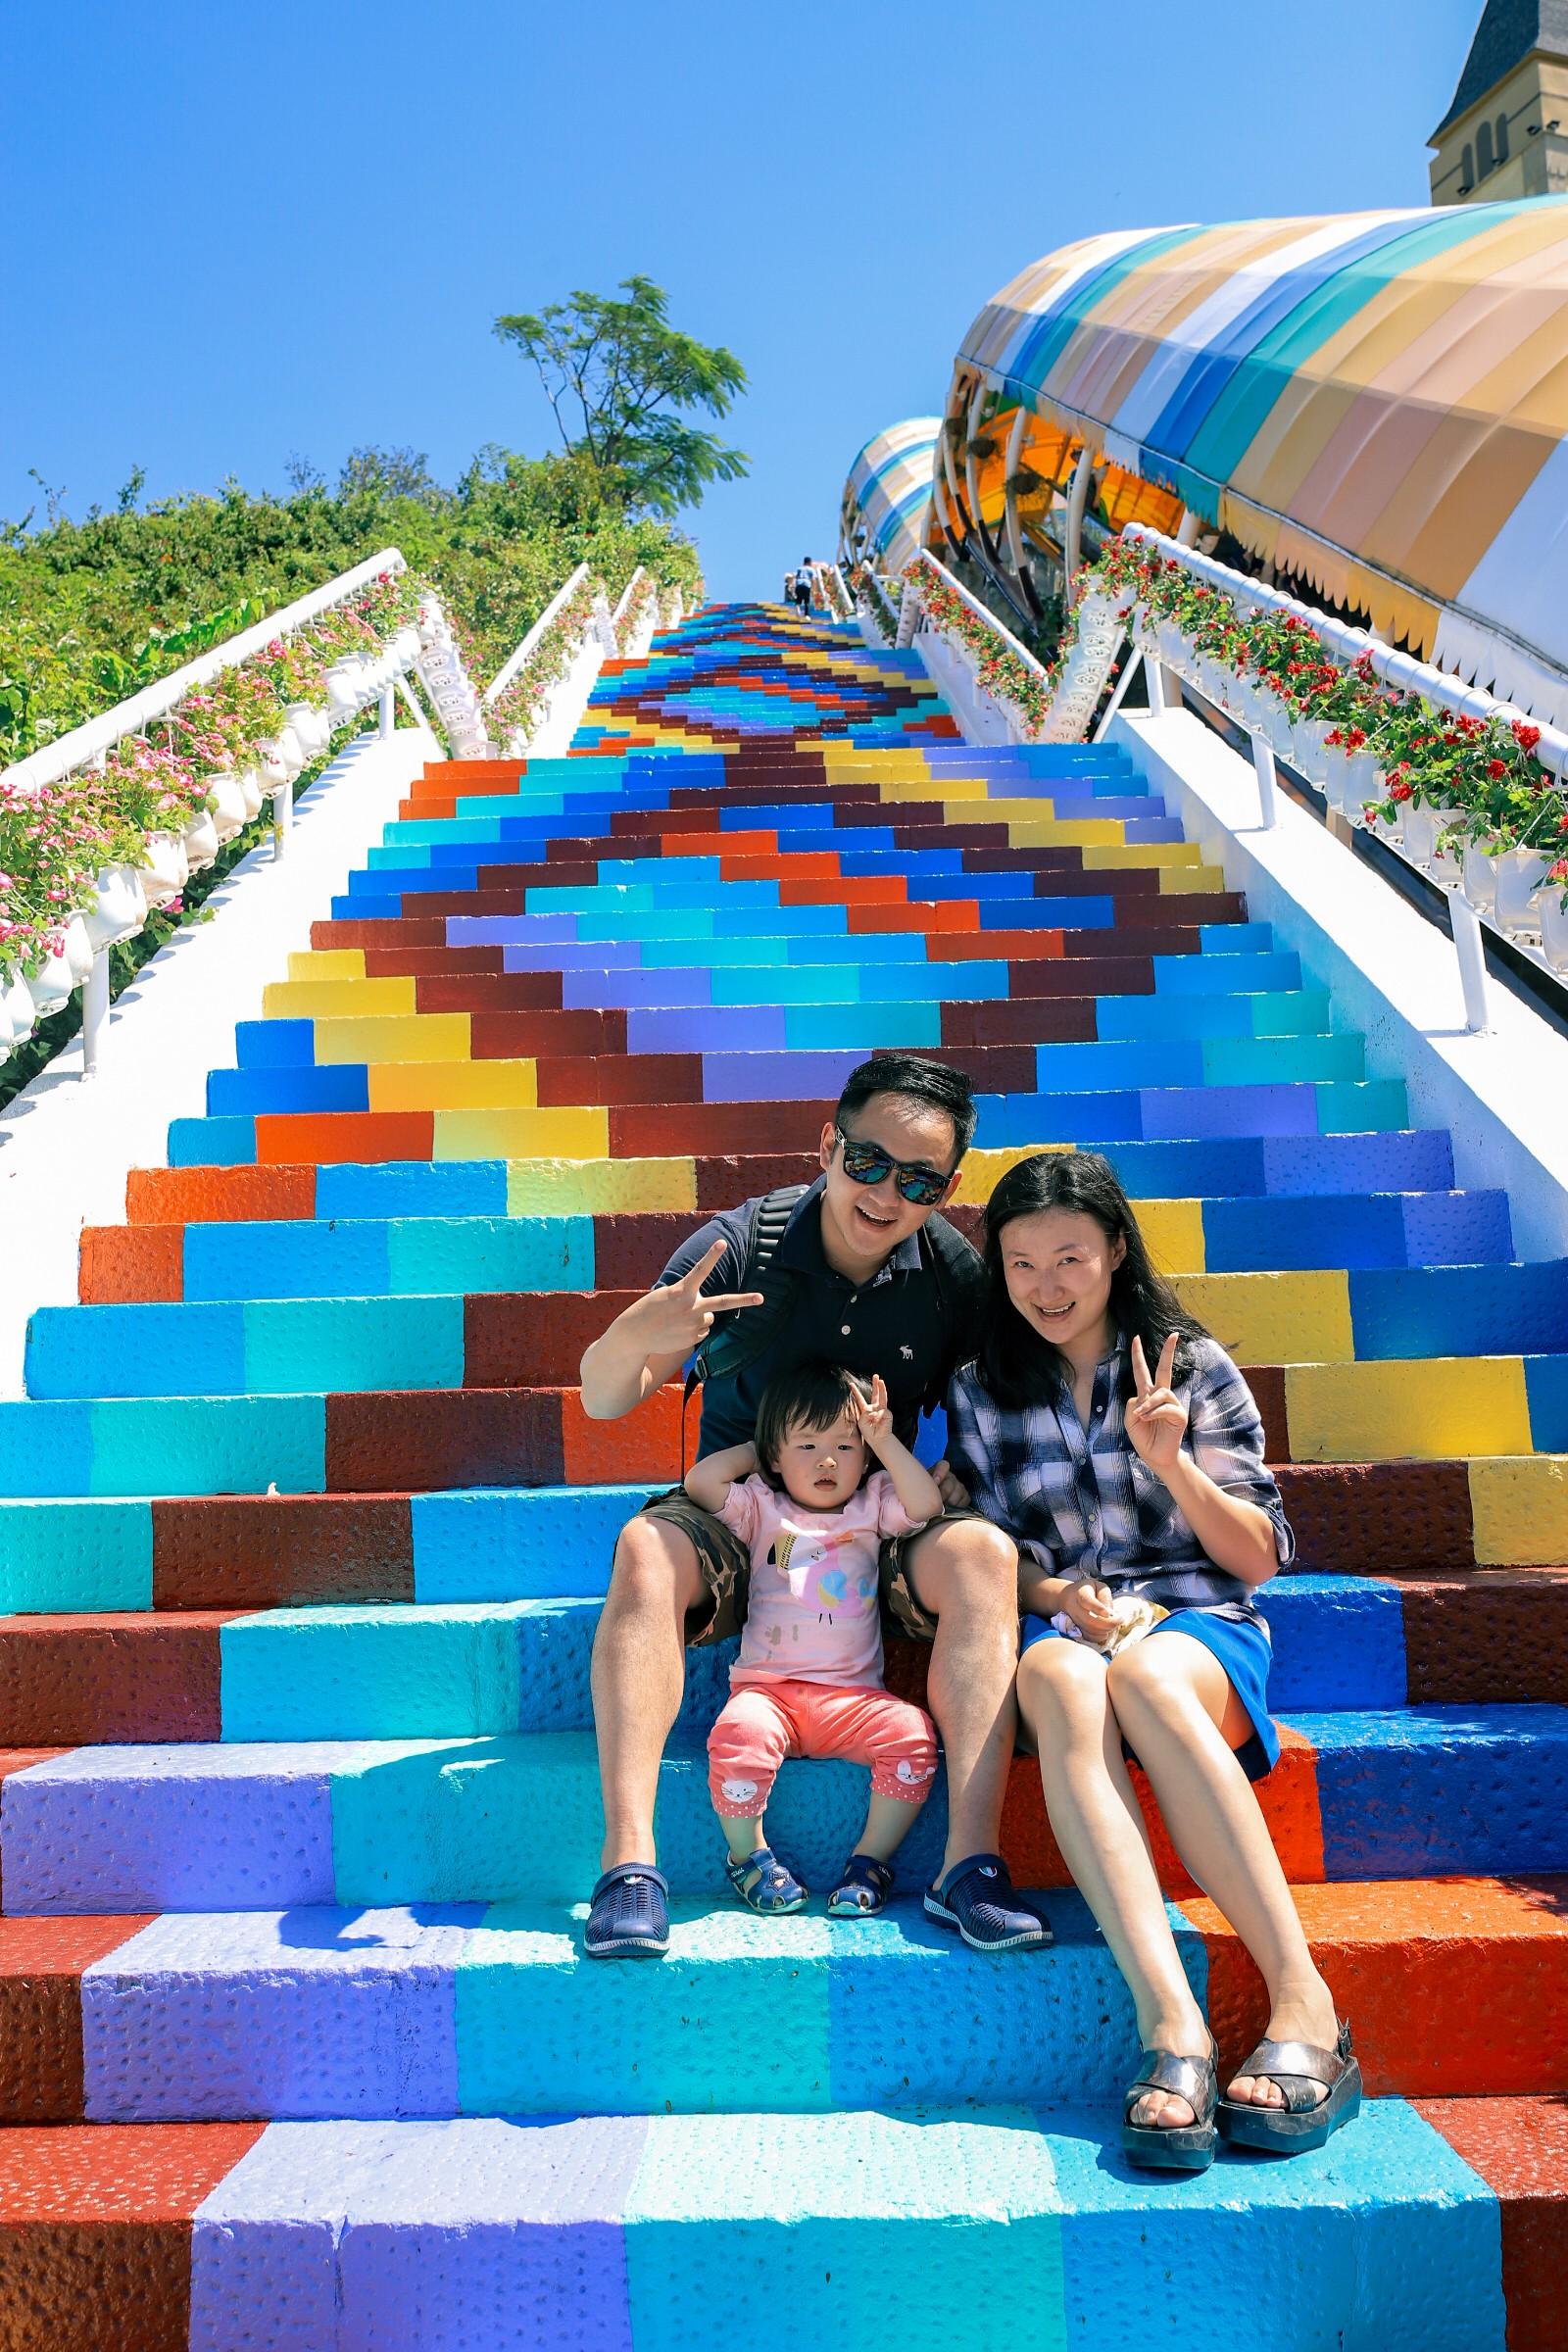 Phát hiện Nấc thang cầu vồng chụp ảnh siêu ảo diệu ở Nha Trang - Ảnh 7.